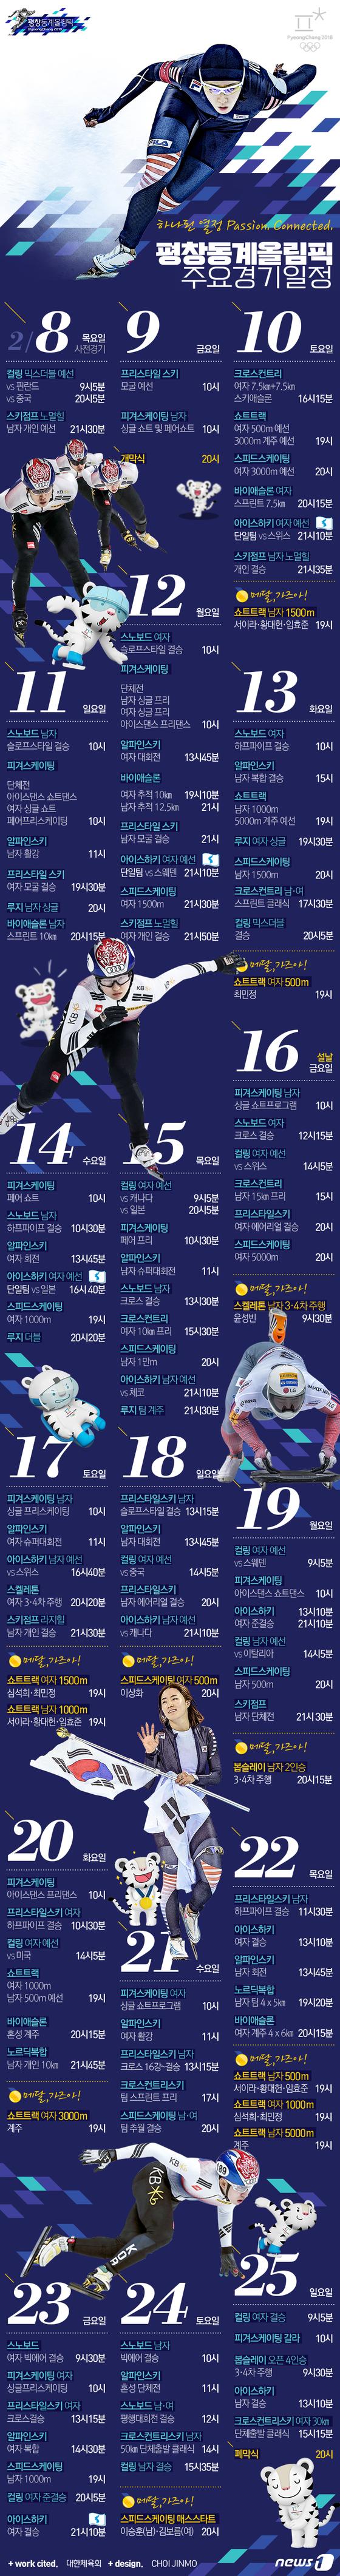 [그래픽뉴스]2018 평창올림픽 주요경기일정